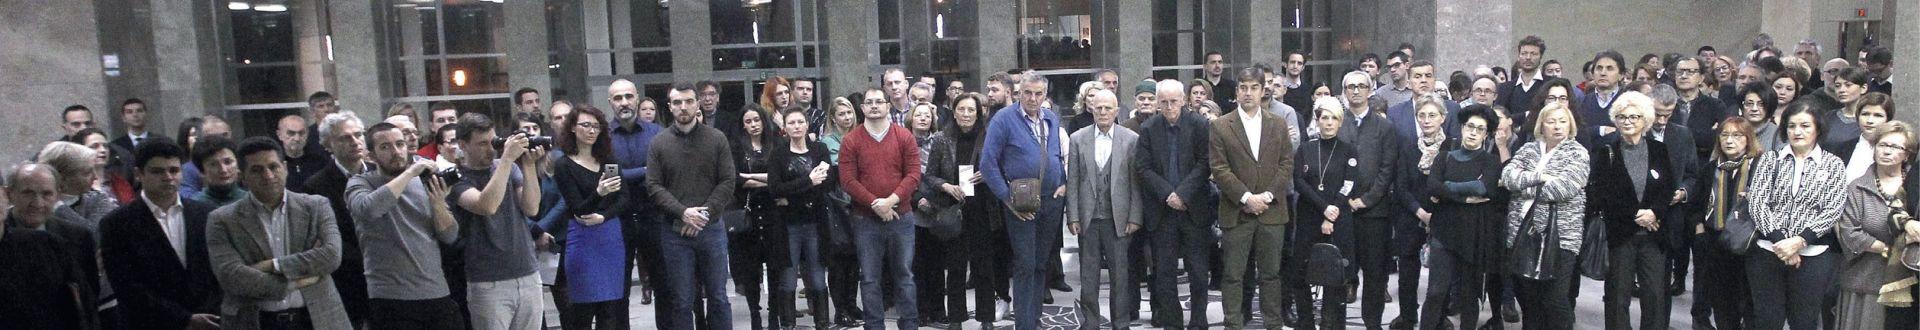 100 GODINA Jugoslavije u Beogradu obilježili hrvatski autori